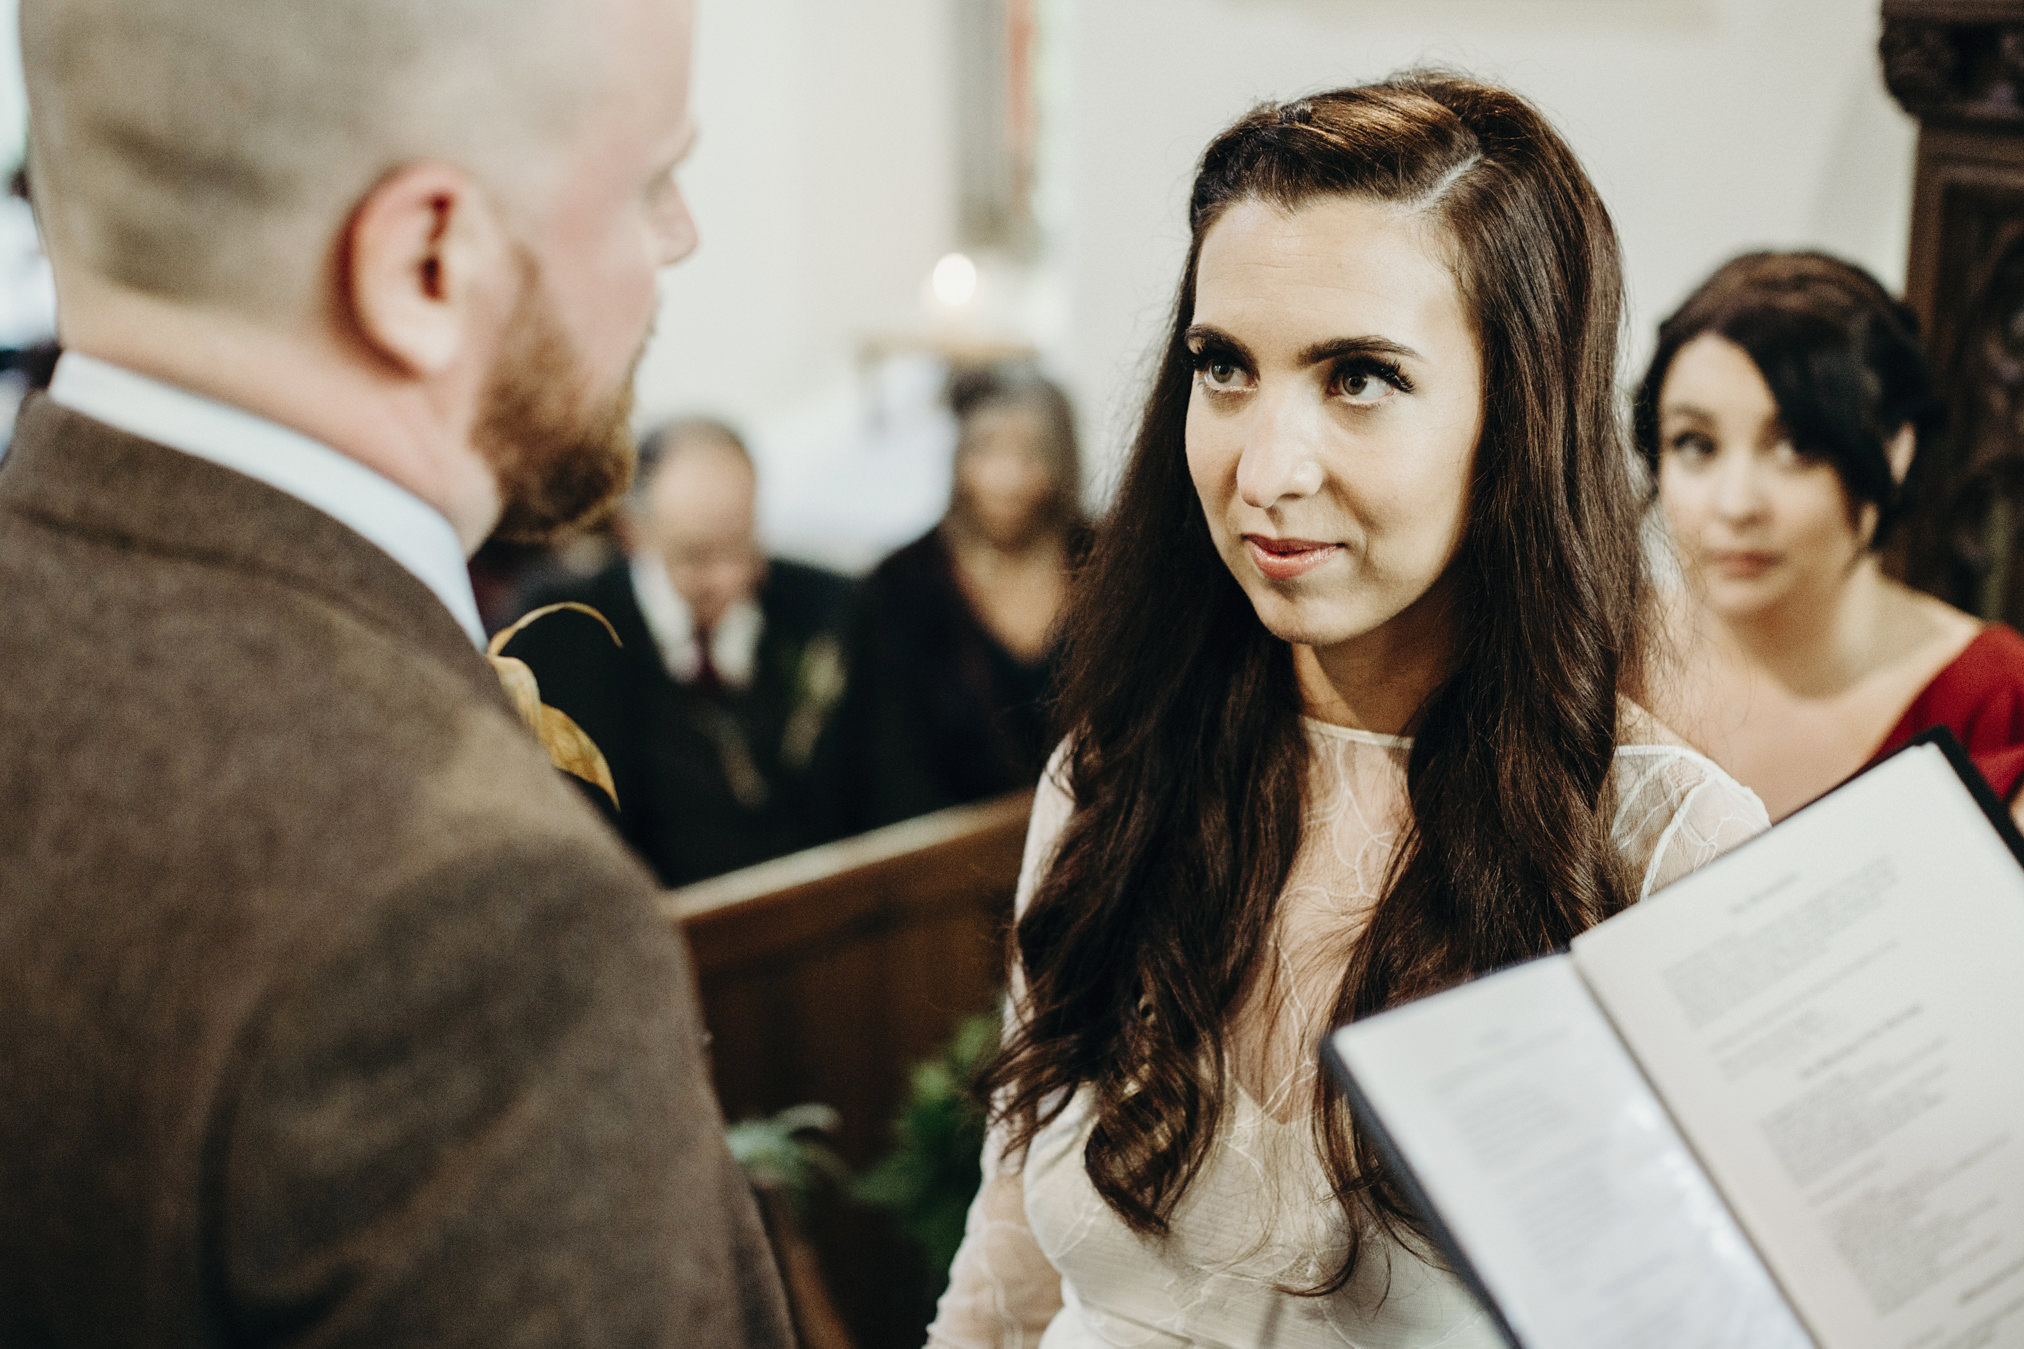 wedding photographer irelandGraciela Vilagudin Photography556.jpg